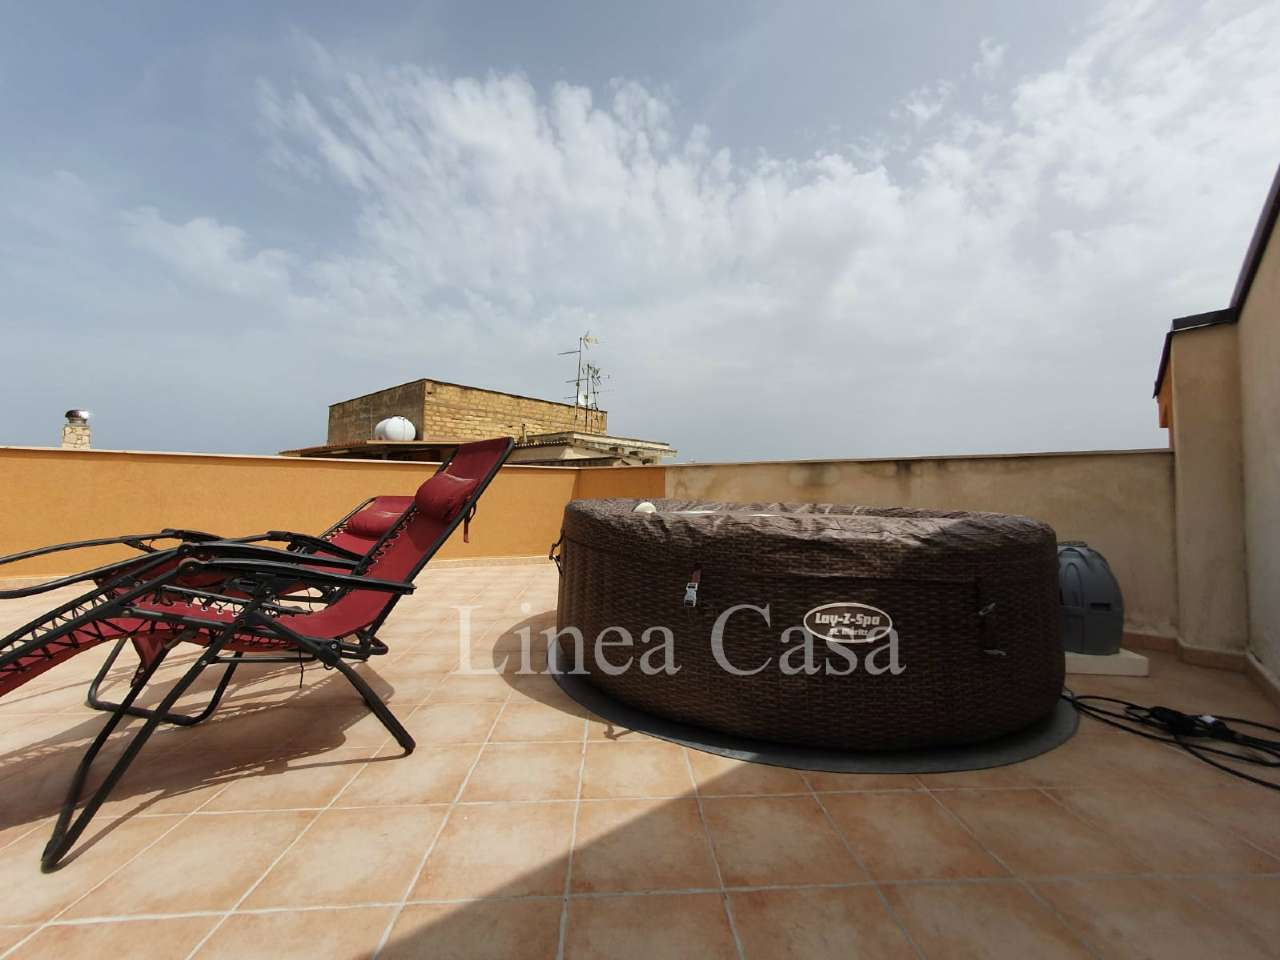 Attico / Mansarda in vendita a Bagheria, 1 locali, prezzo € 38.000 | PortaleAgenzieImmobiliari.it